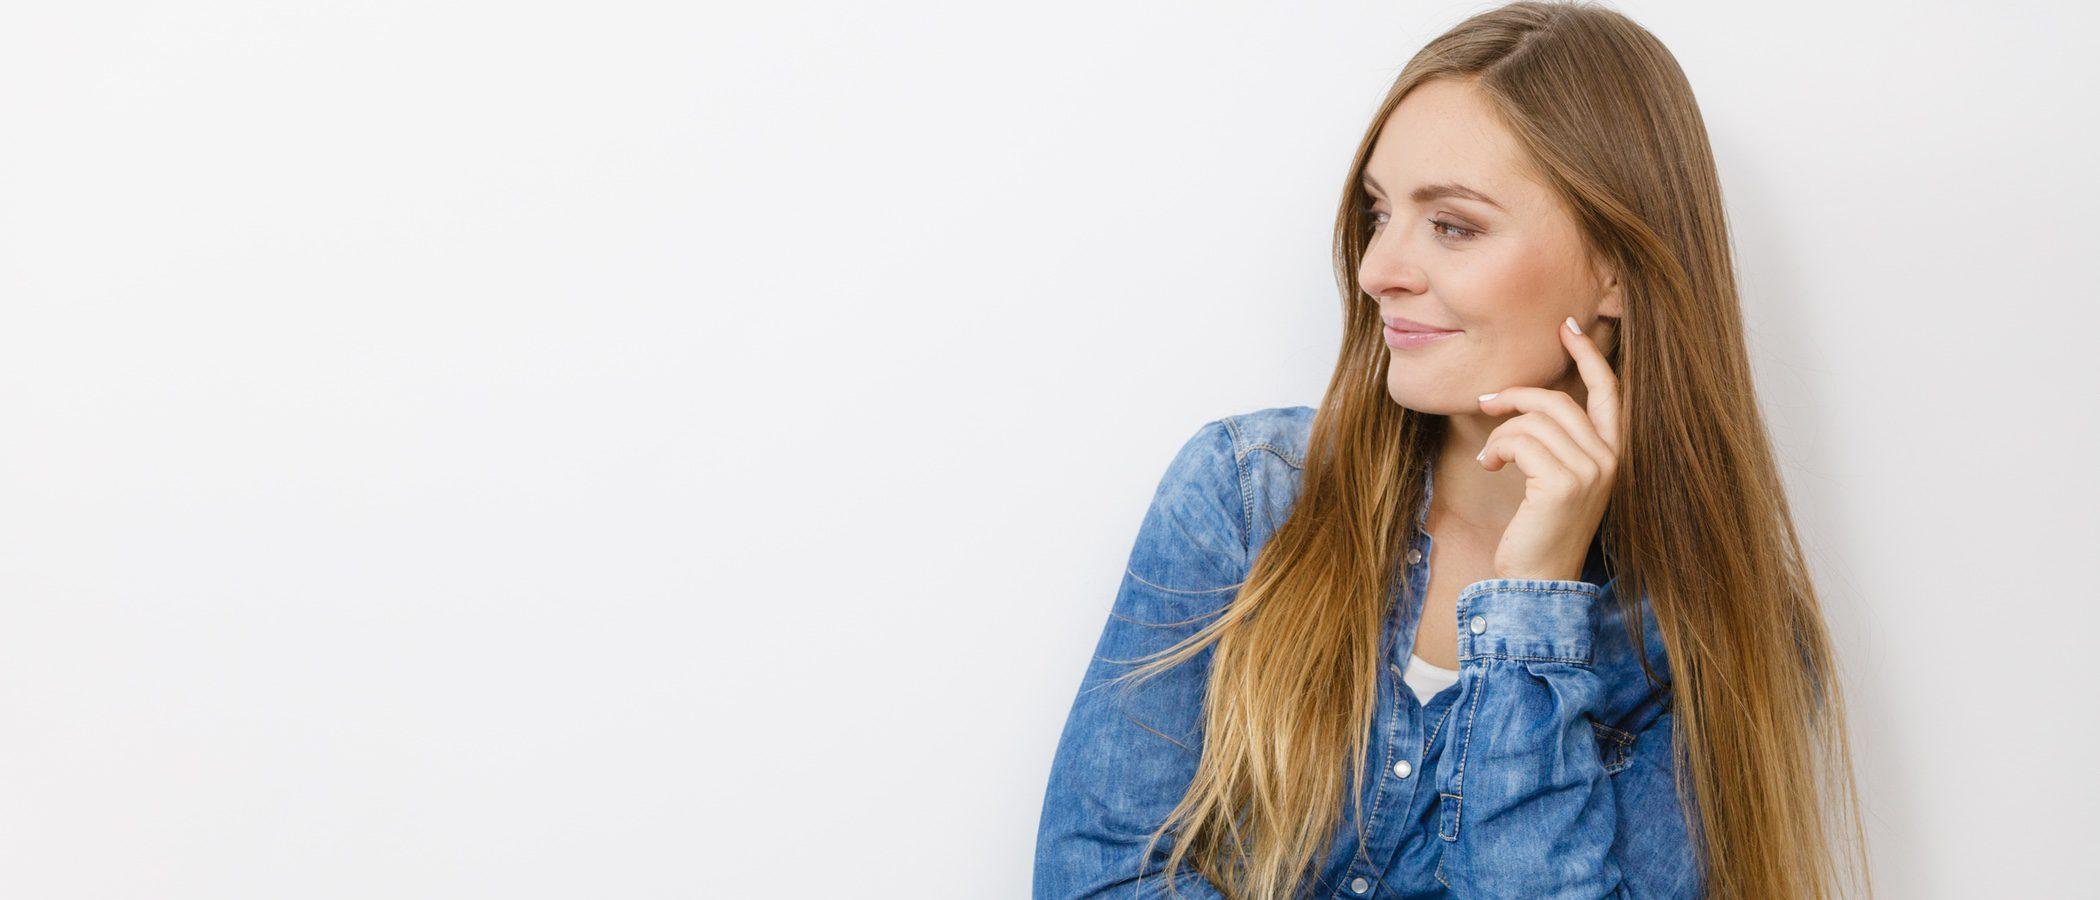 Camisa vaquera: cómo combinarla